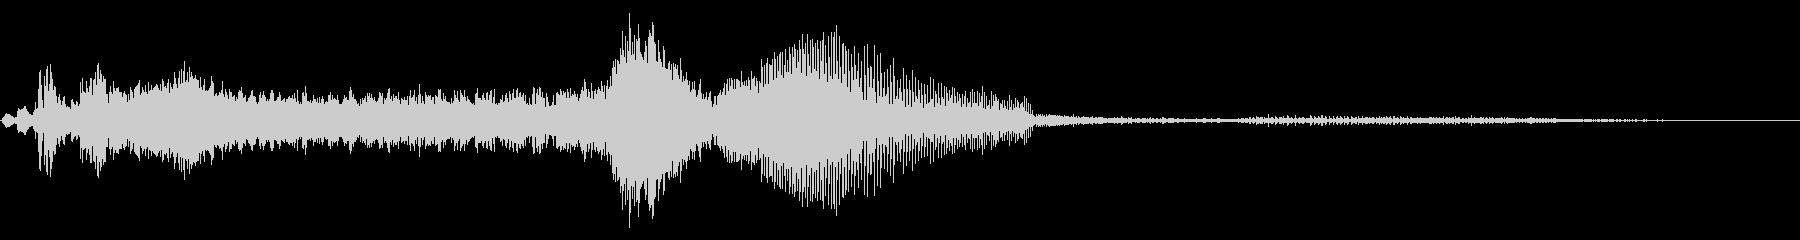 1917年ダッジ:Ext:スタート...の未再生の波形